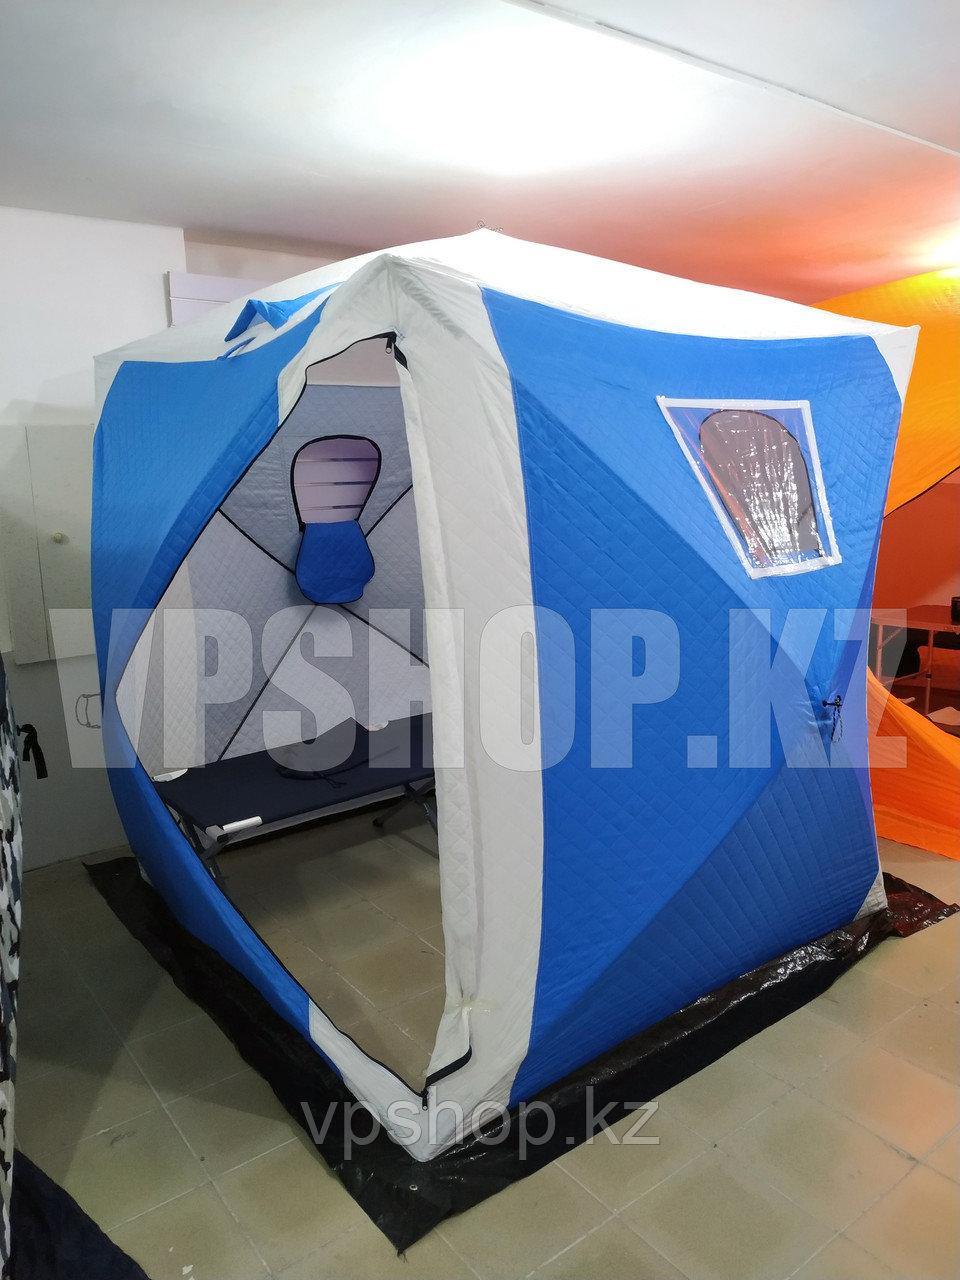 КУБ палатка утепленная 2х2 с синтепоном, доставка